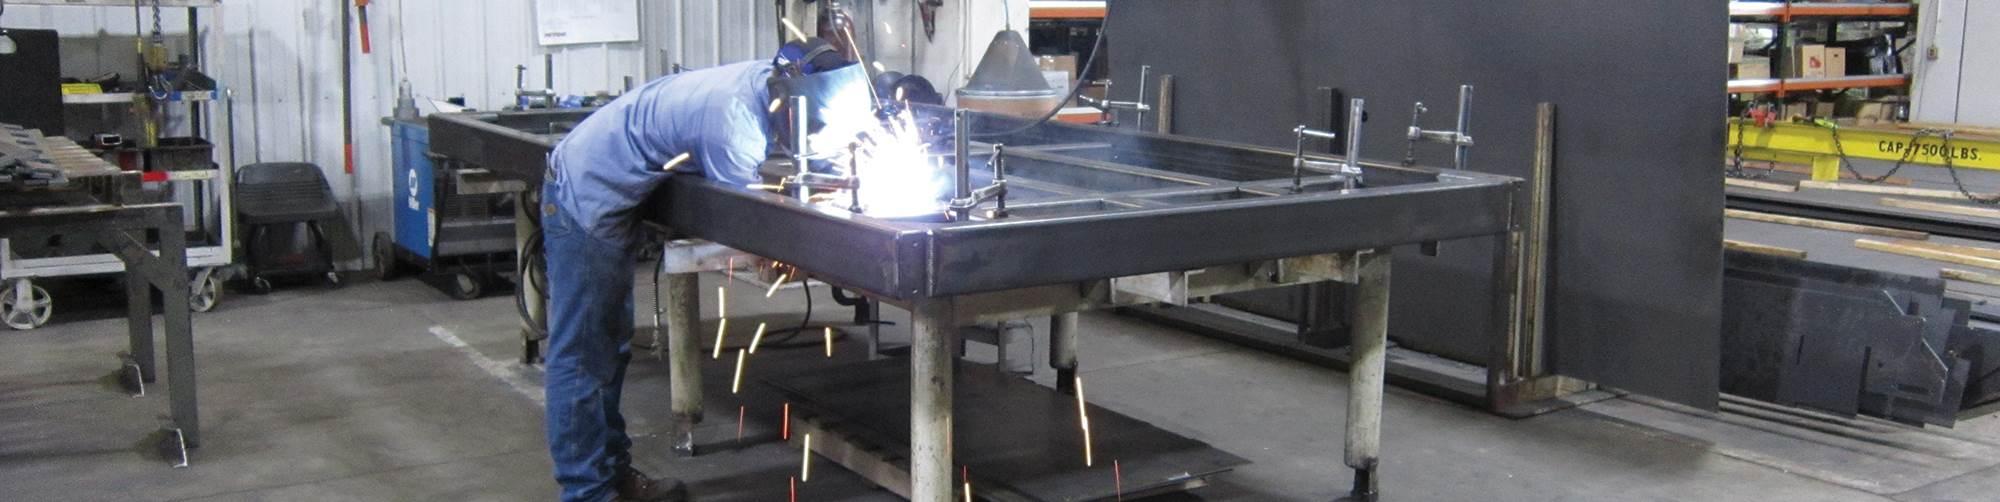 parts supplier banner photo